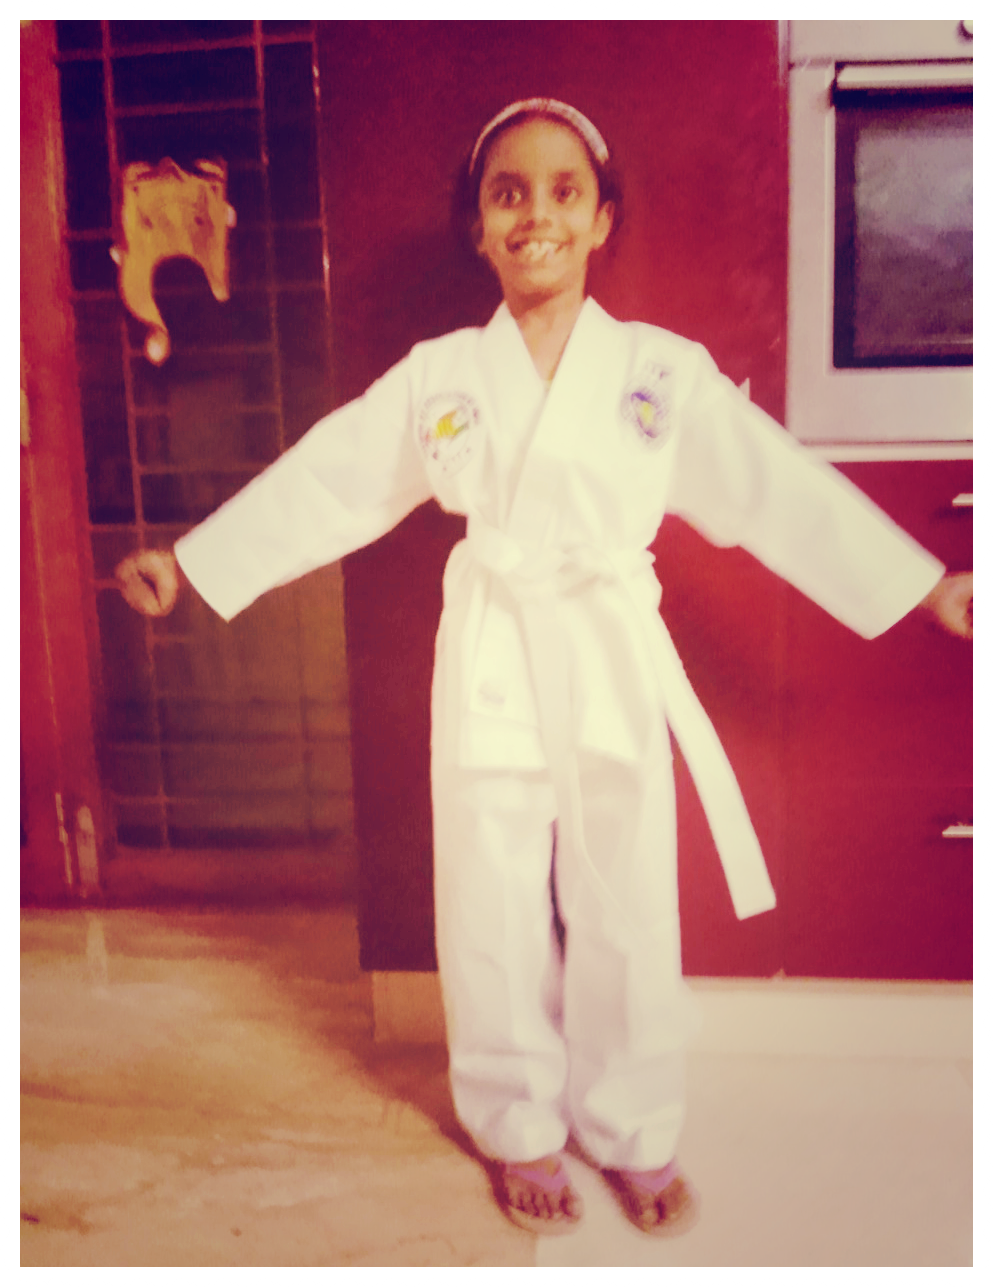 In her new taekwondo dress